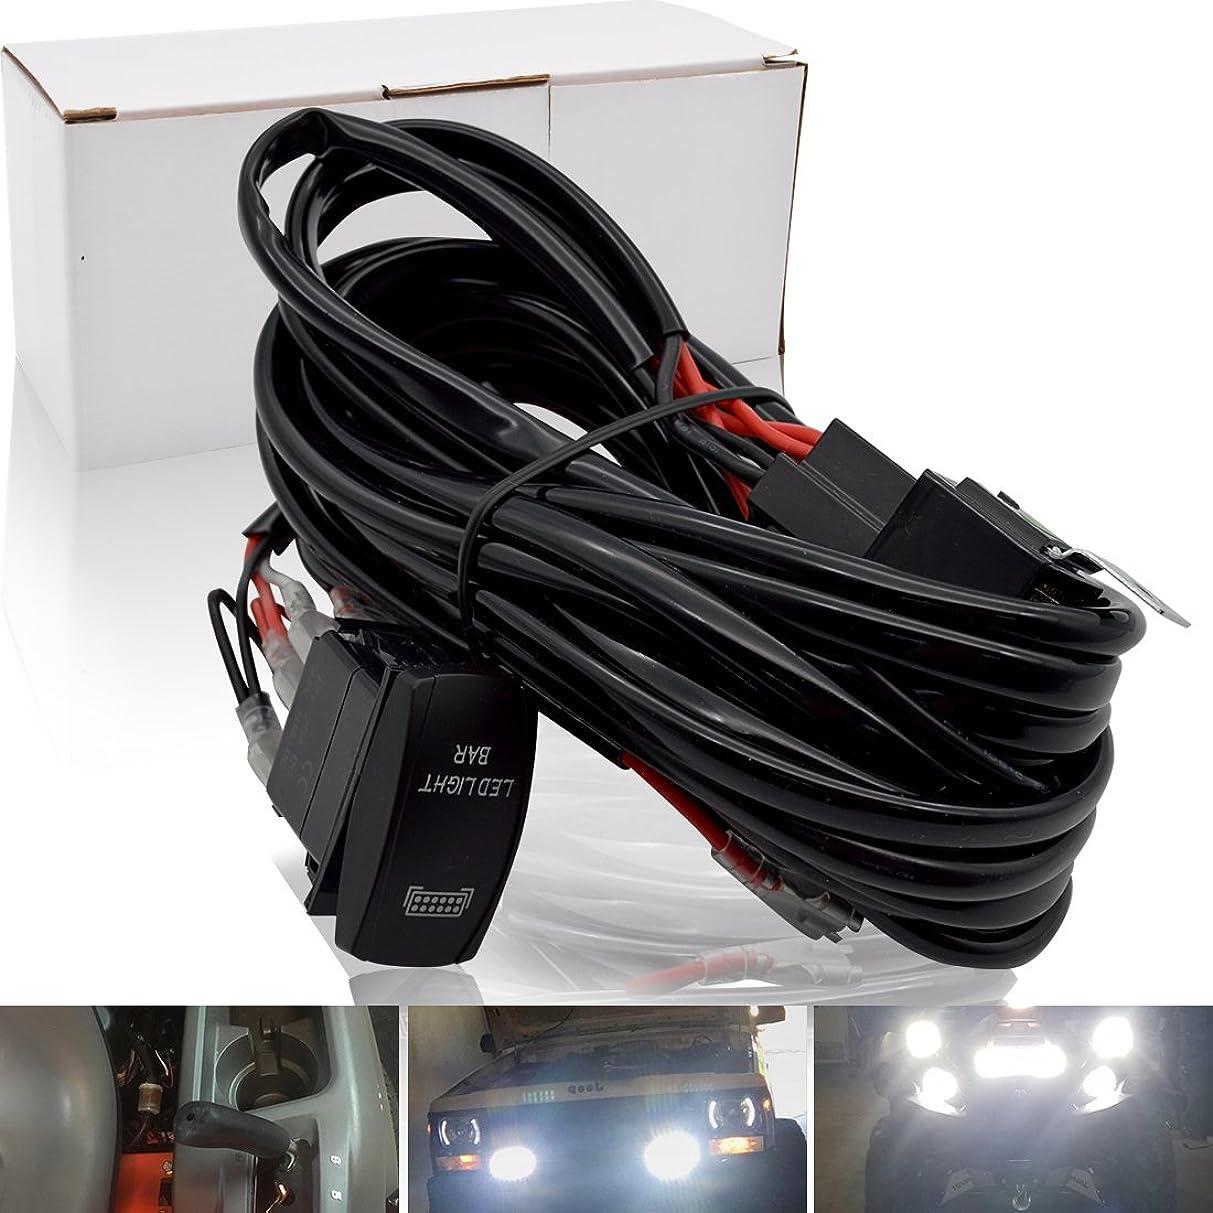 ましい忠実豊富ライト用リレーハーネス 更新版 フォグランプ スイッチ付き コントロールボックス DT 2灯用ソケットアダプタ LEDバー ワークライト LEDグリル電線リレーキット取付用配線 ワイヤーハーネス 表示LED搭載 防水 300Wまで対応可能 GREENBEAN